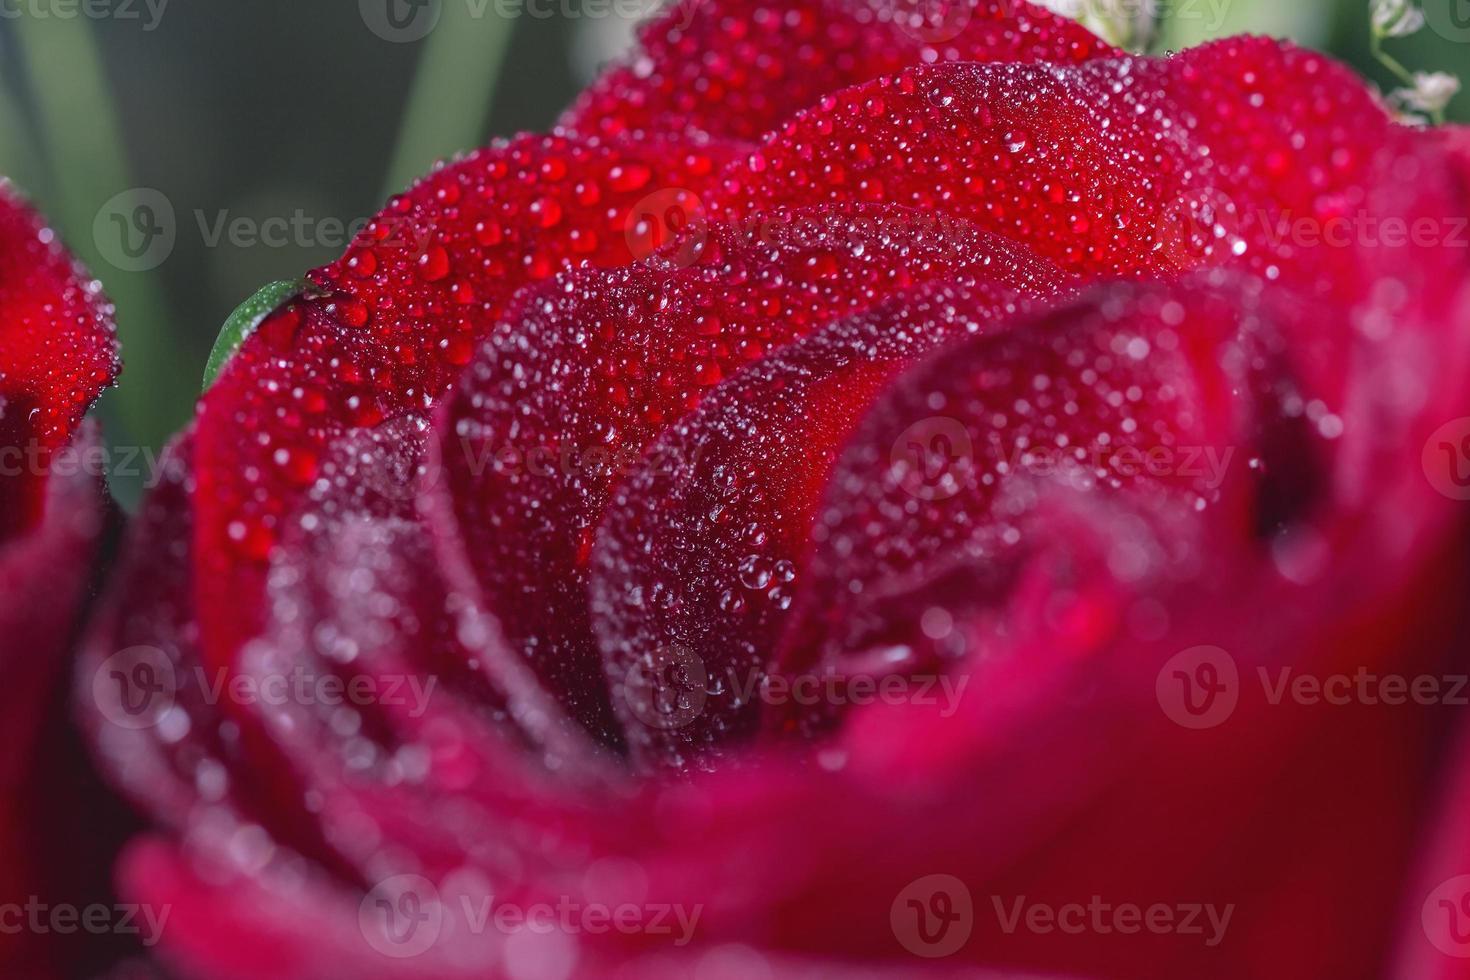 mooie multidrops op rode roos foto